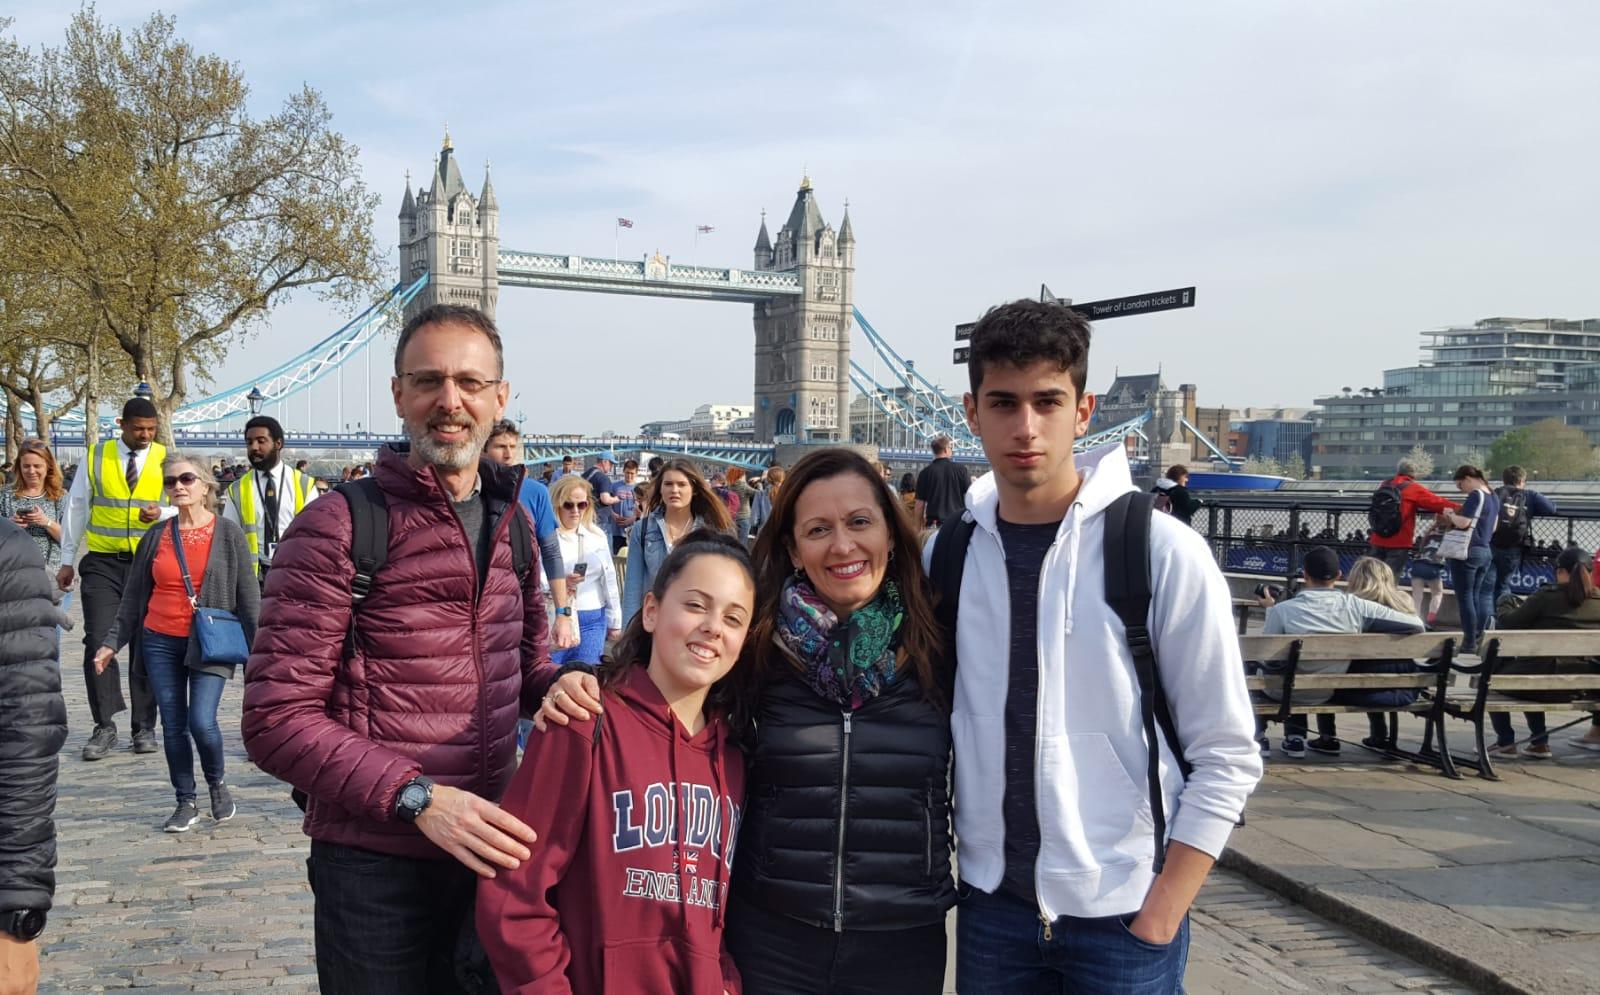 Fabrizio e famiglia a Londra da 17 al 20 aprile 2019 #concorsofotograficoviaggicarmen2019